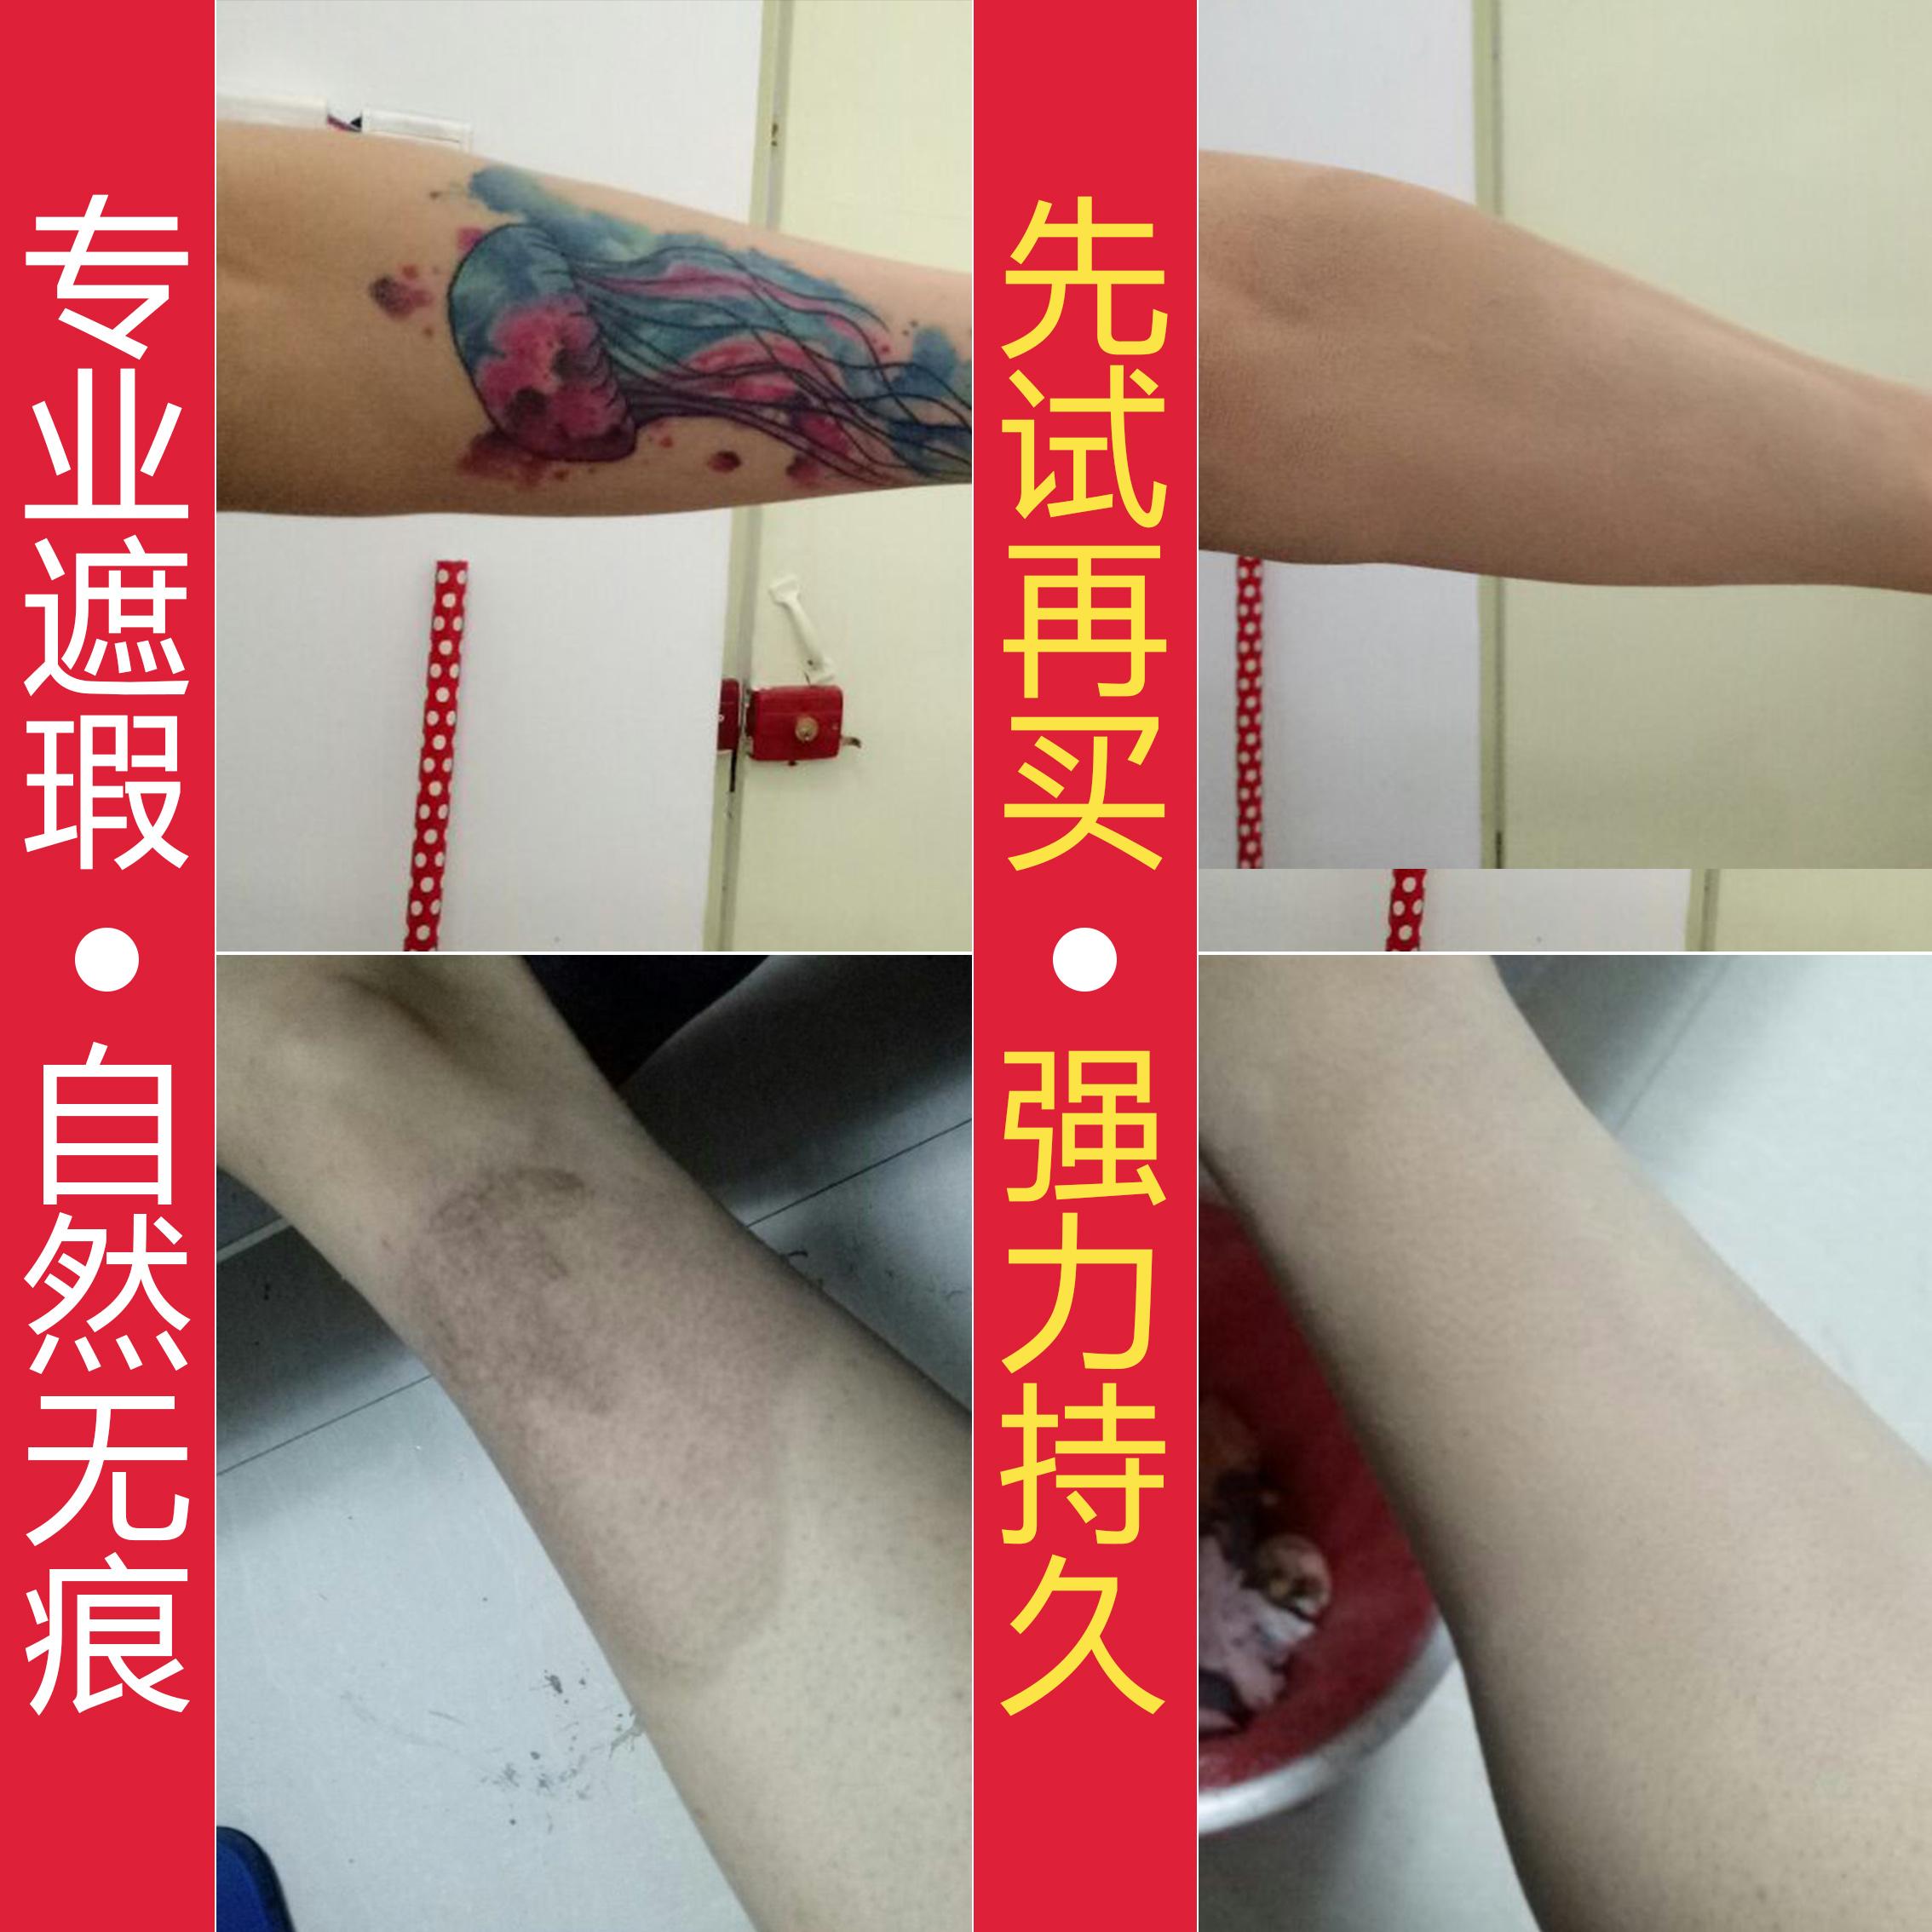 紋身遮瑕膏 筆膚蠟遮蓋疤痕胎記手術 防水強力